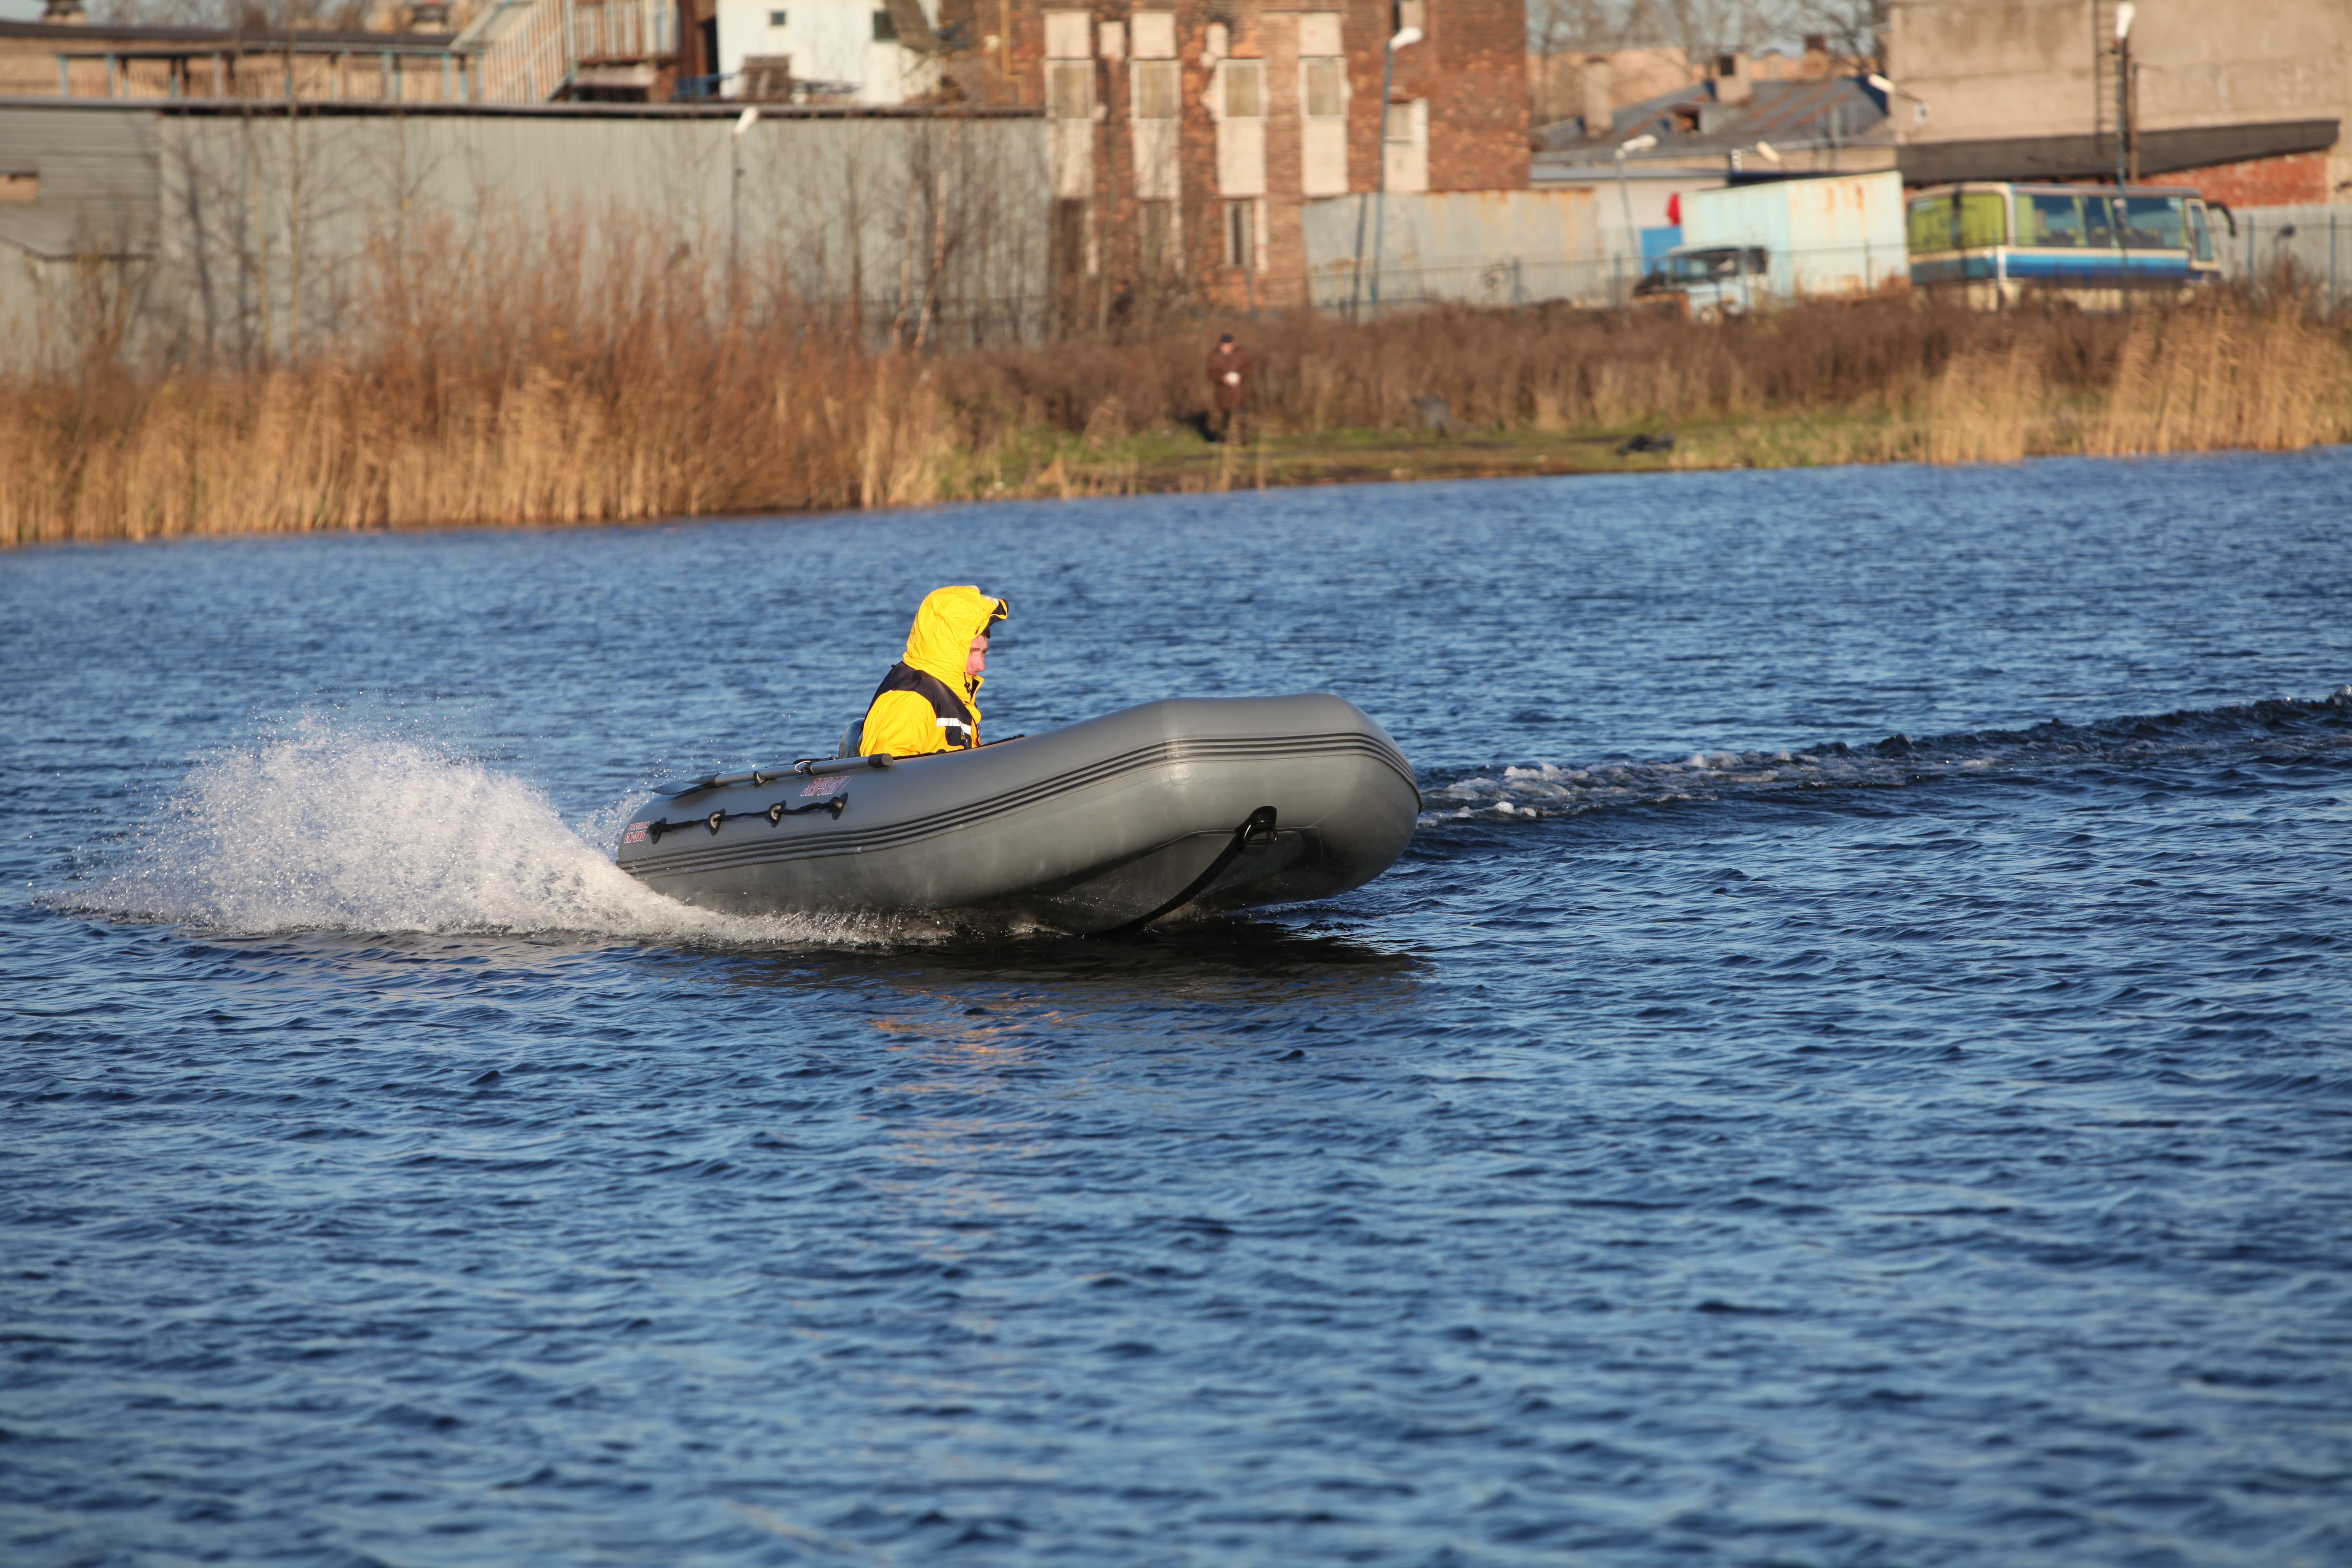 лодка сапсан 380 характеристики